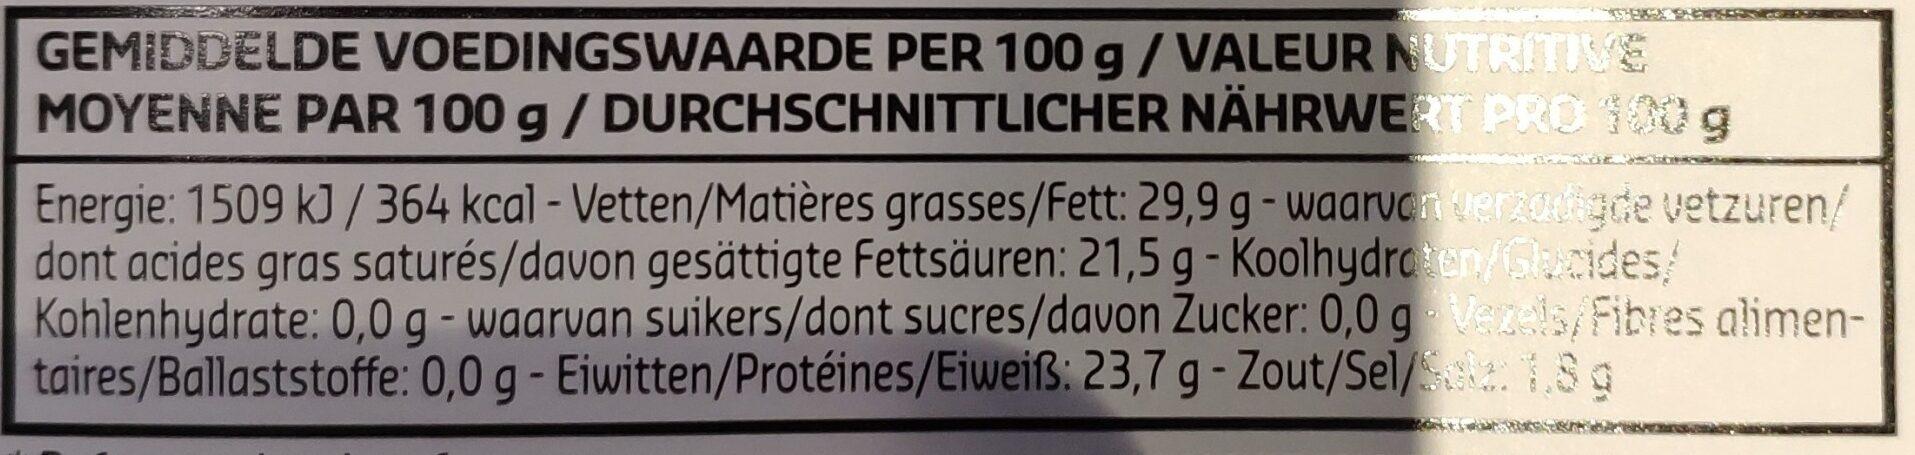 Oudendijk Moutarde - Informations nutritionnelles - fr